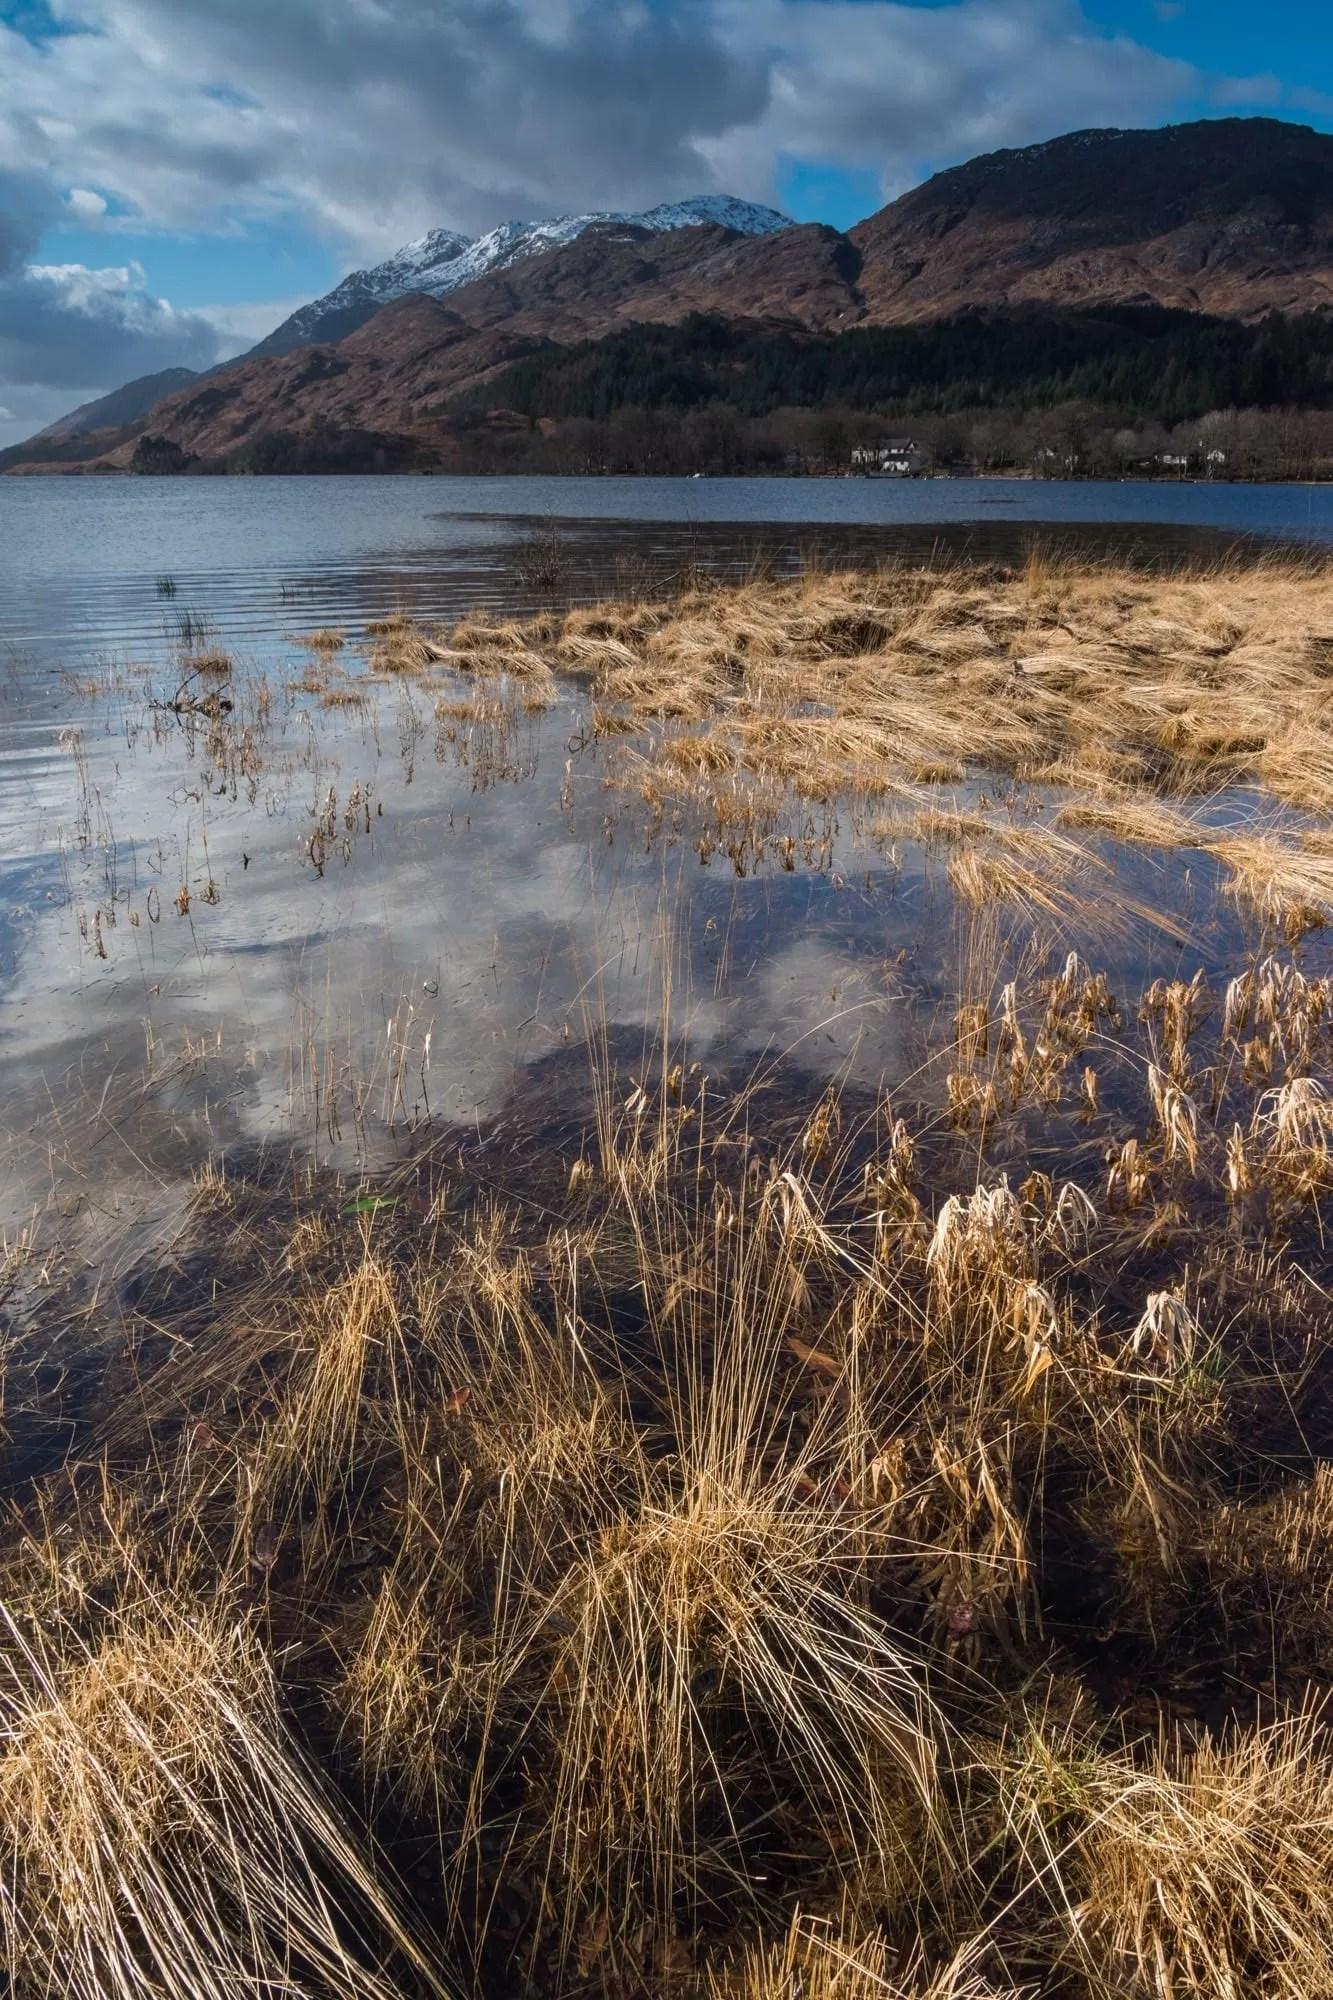 Loch Sheil - Glenfinnan - Scotland Photography Workshops